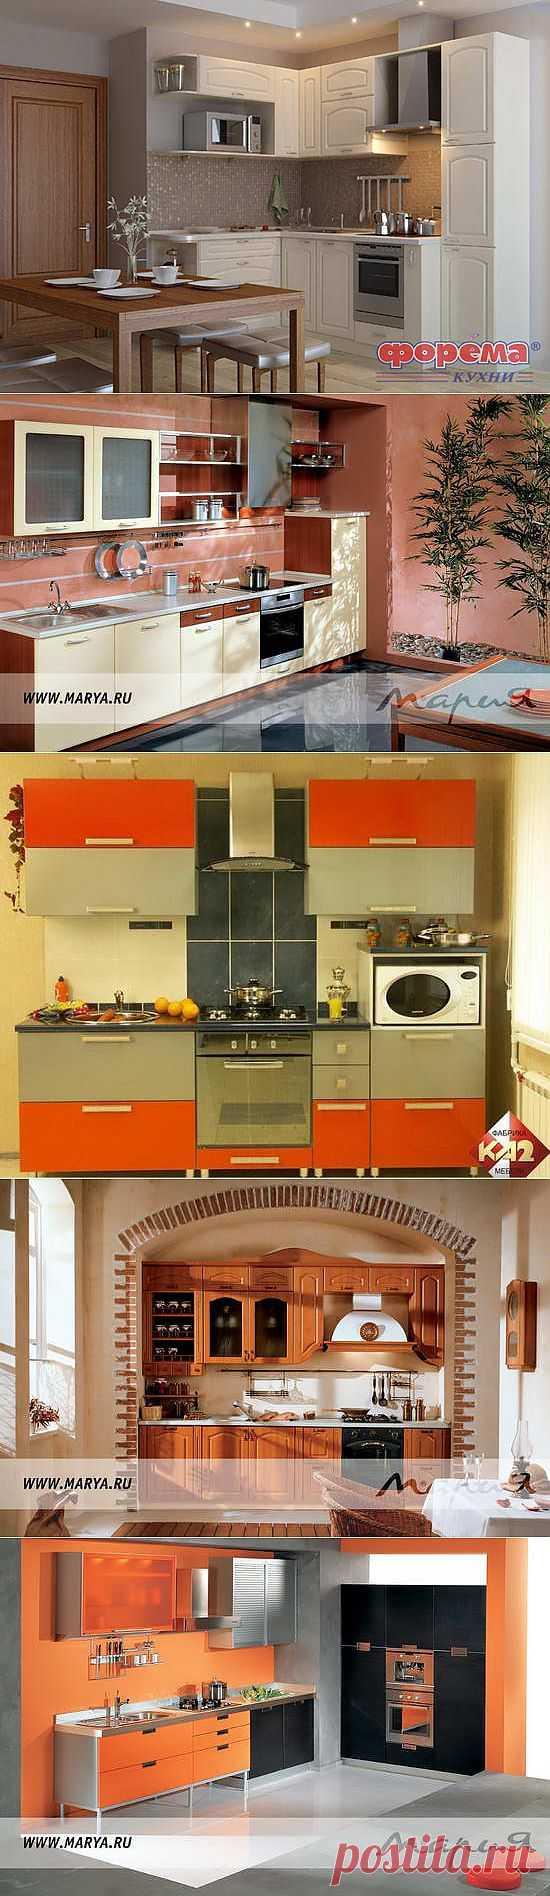 Кухонные гарнитуры для маленькой кухни - фото